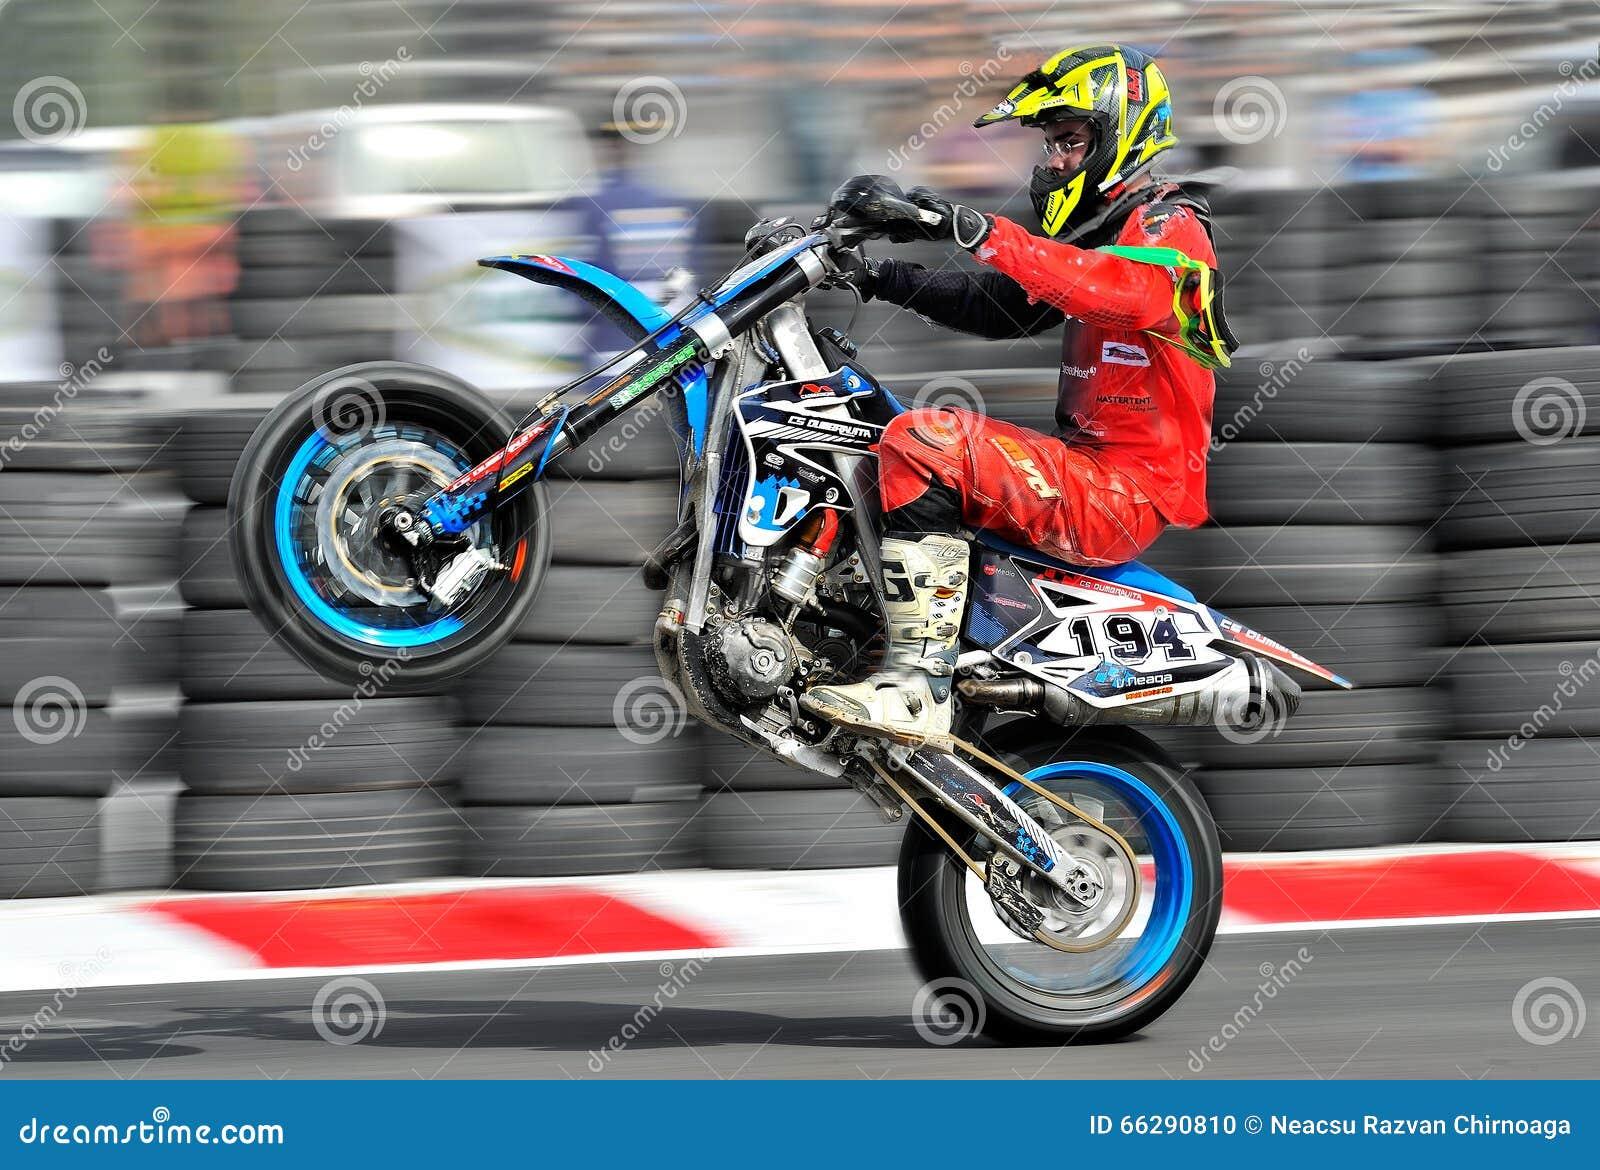 An unidentified bike rider